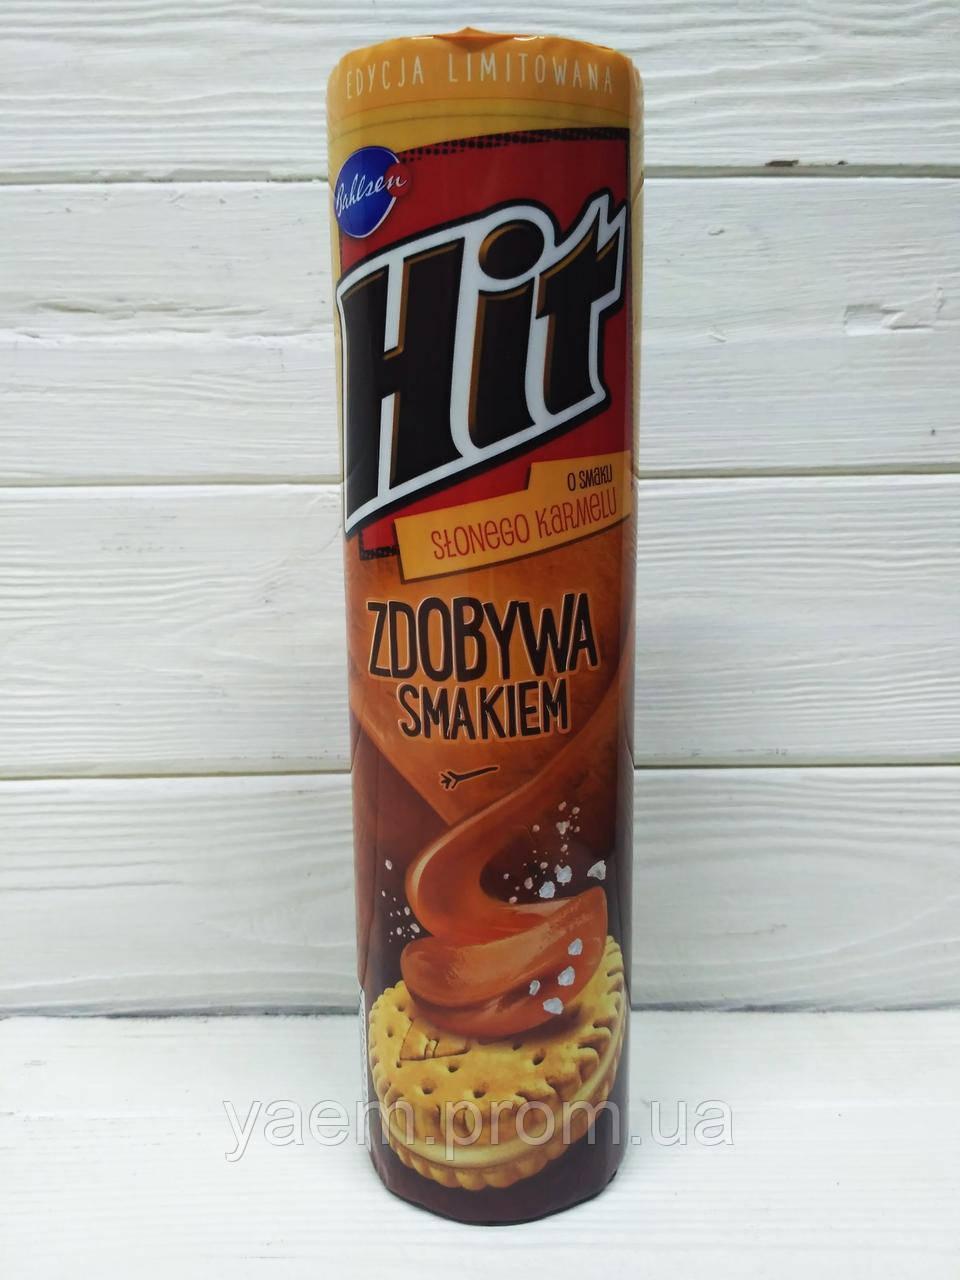 Печенье HIT 220гр. (Польша) 220, карамель с солью